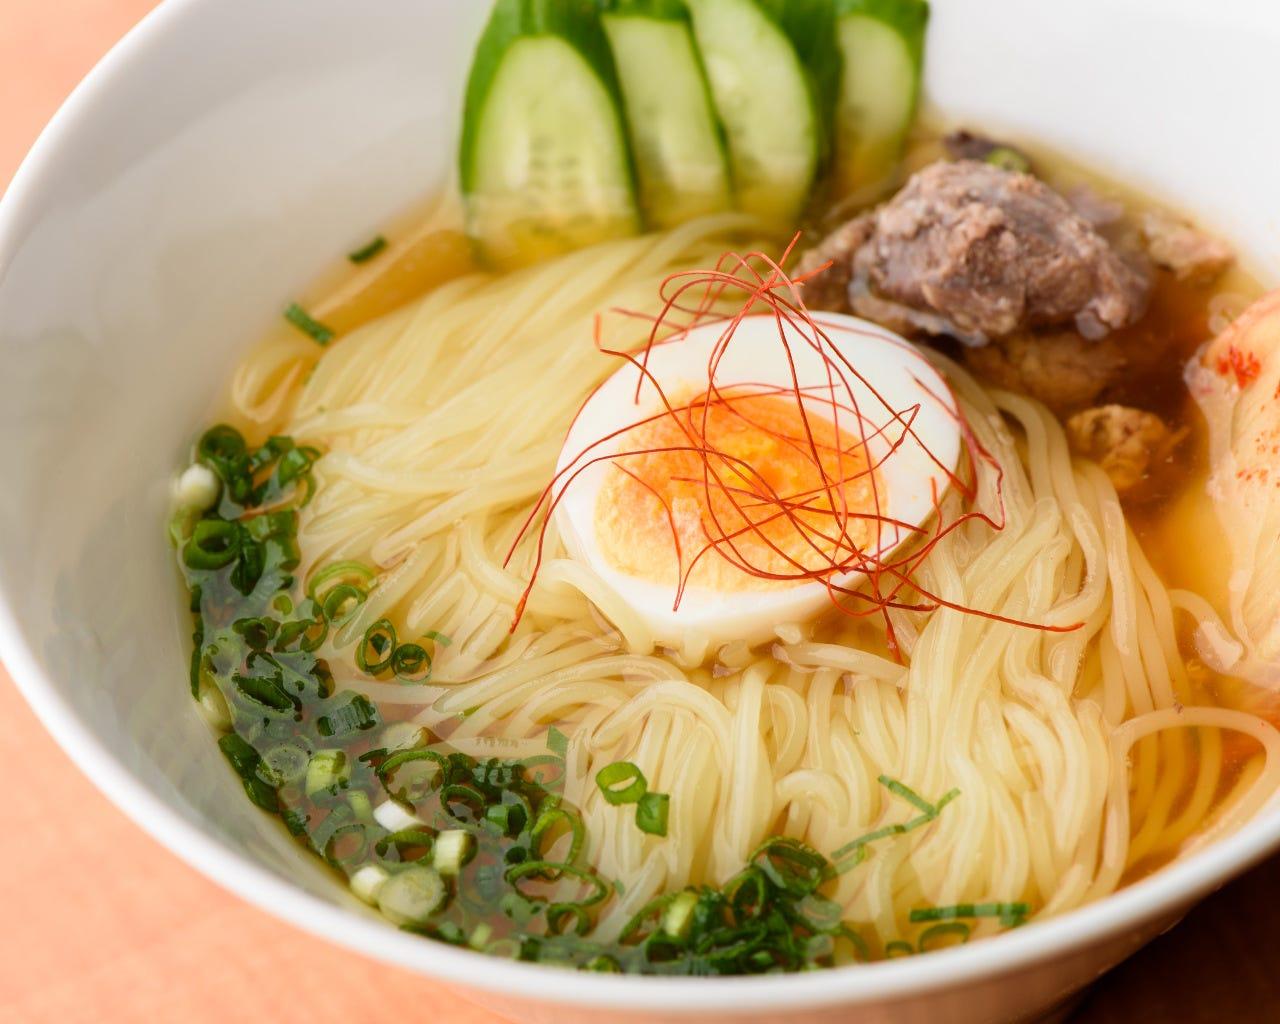 焼肉の後に食べたくなる〆の逸品